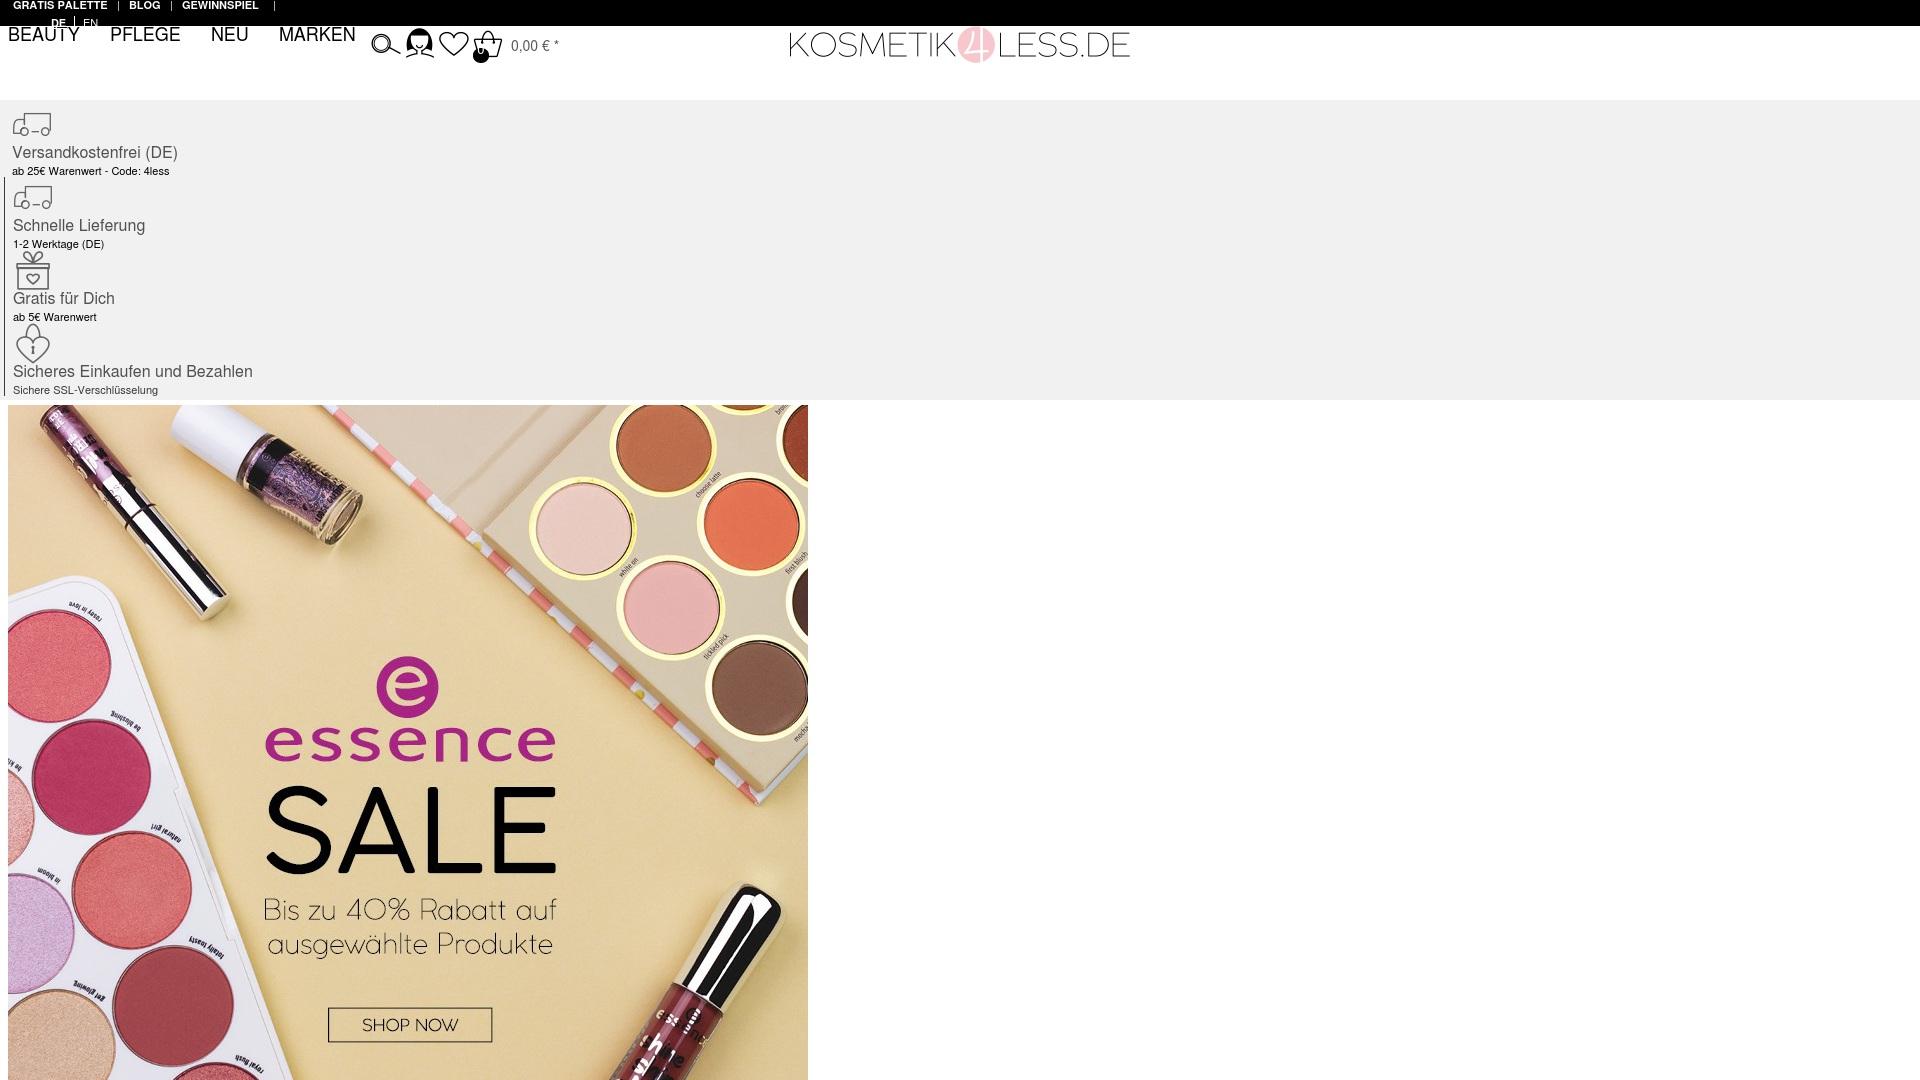 Gutschein für Kosmetik4less: Rabatte für  Kosmetik4less sichern